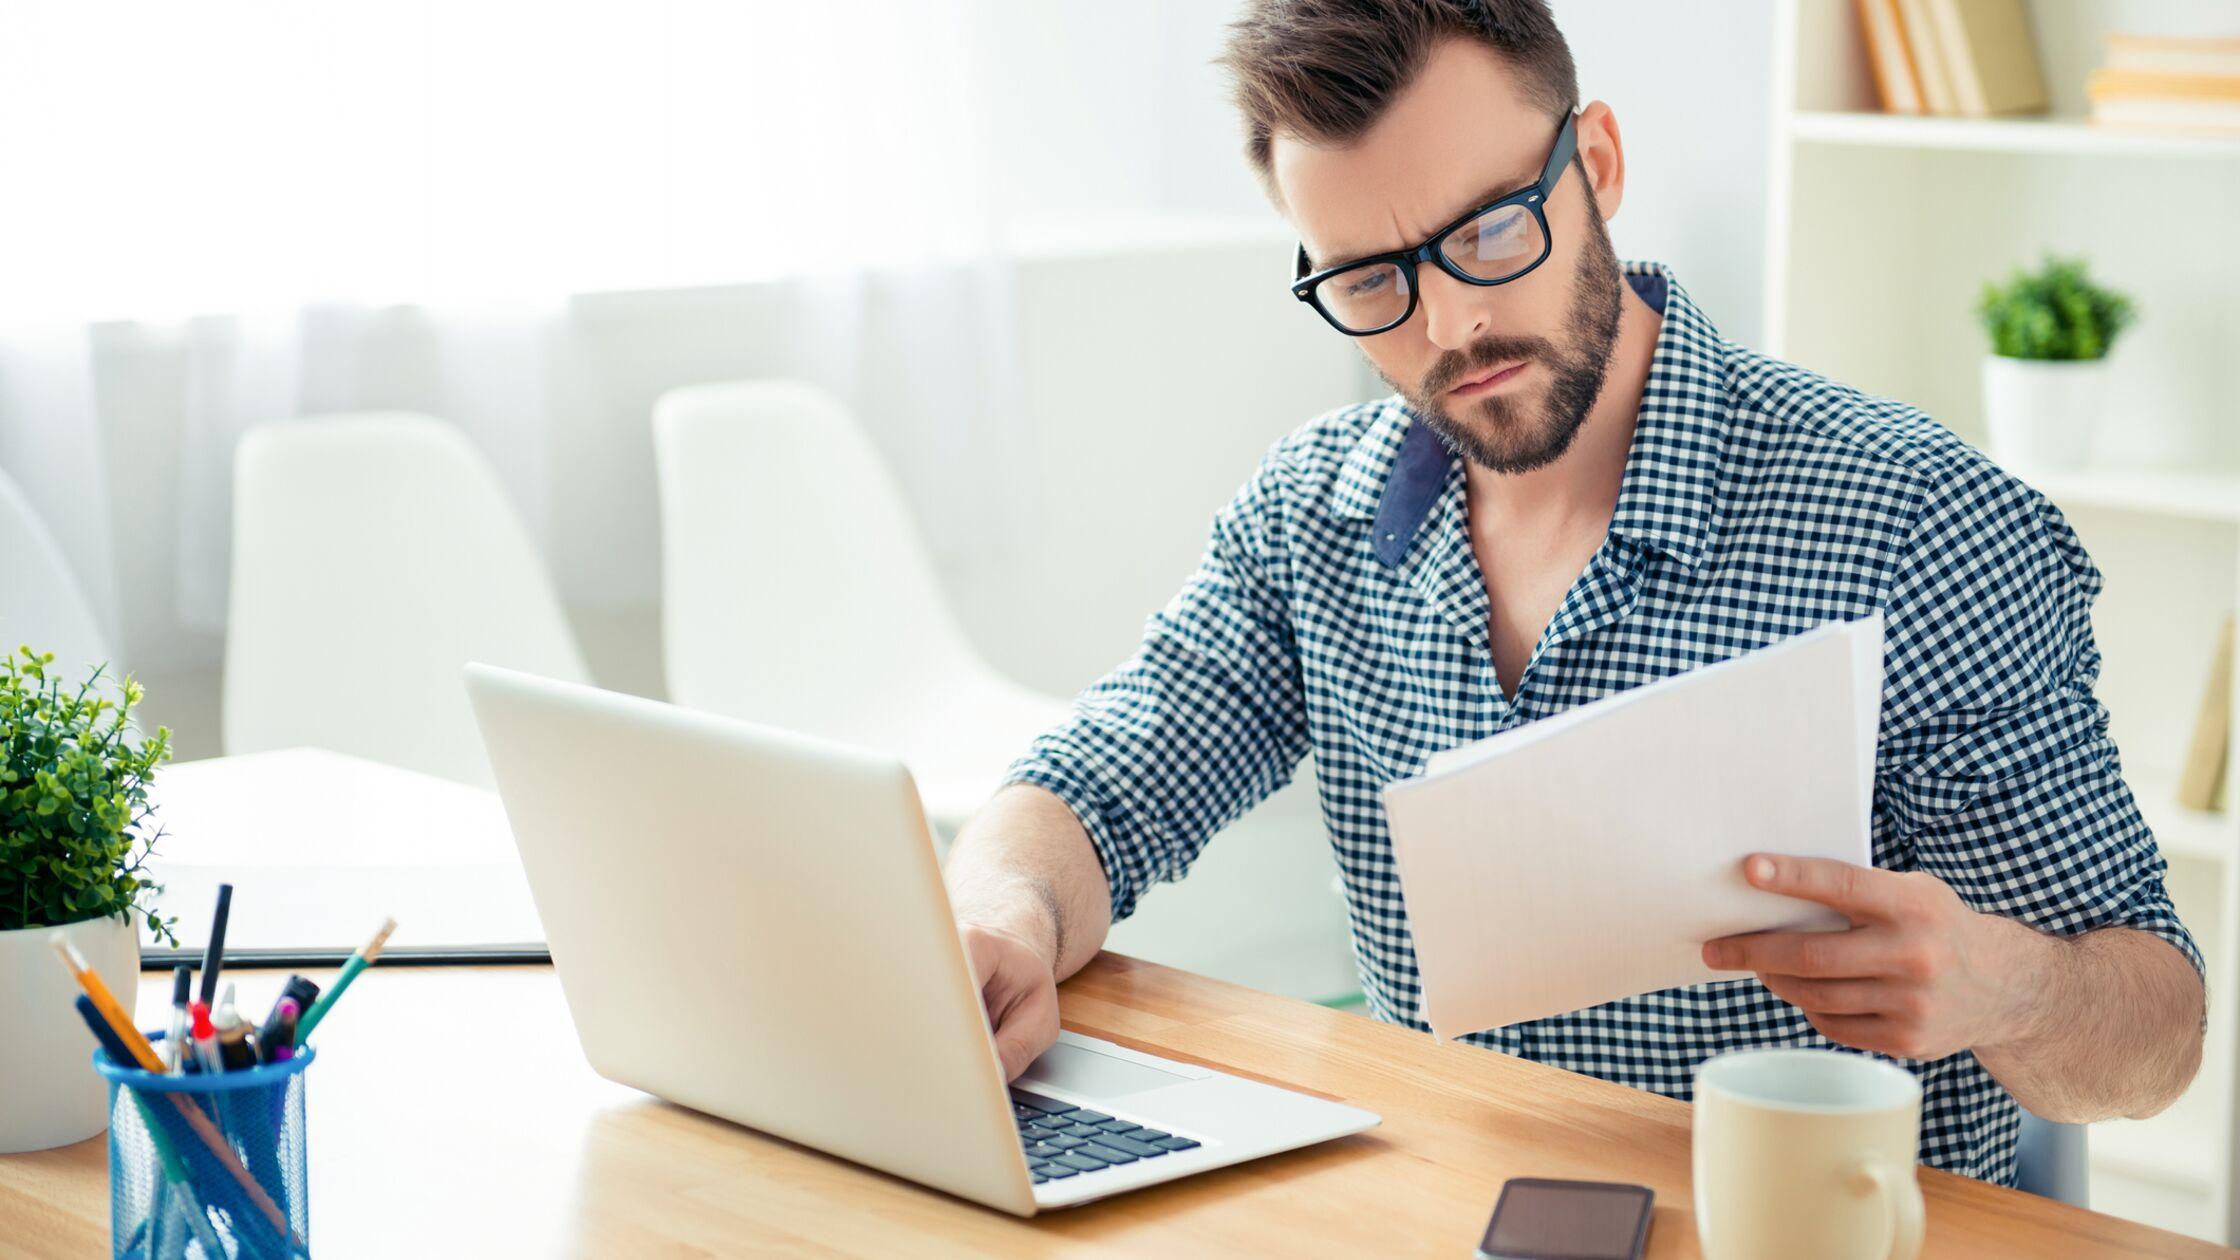 Mängel in der Wohnung: So beschweren Sie sich richtig beim Vermieter